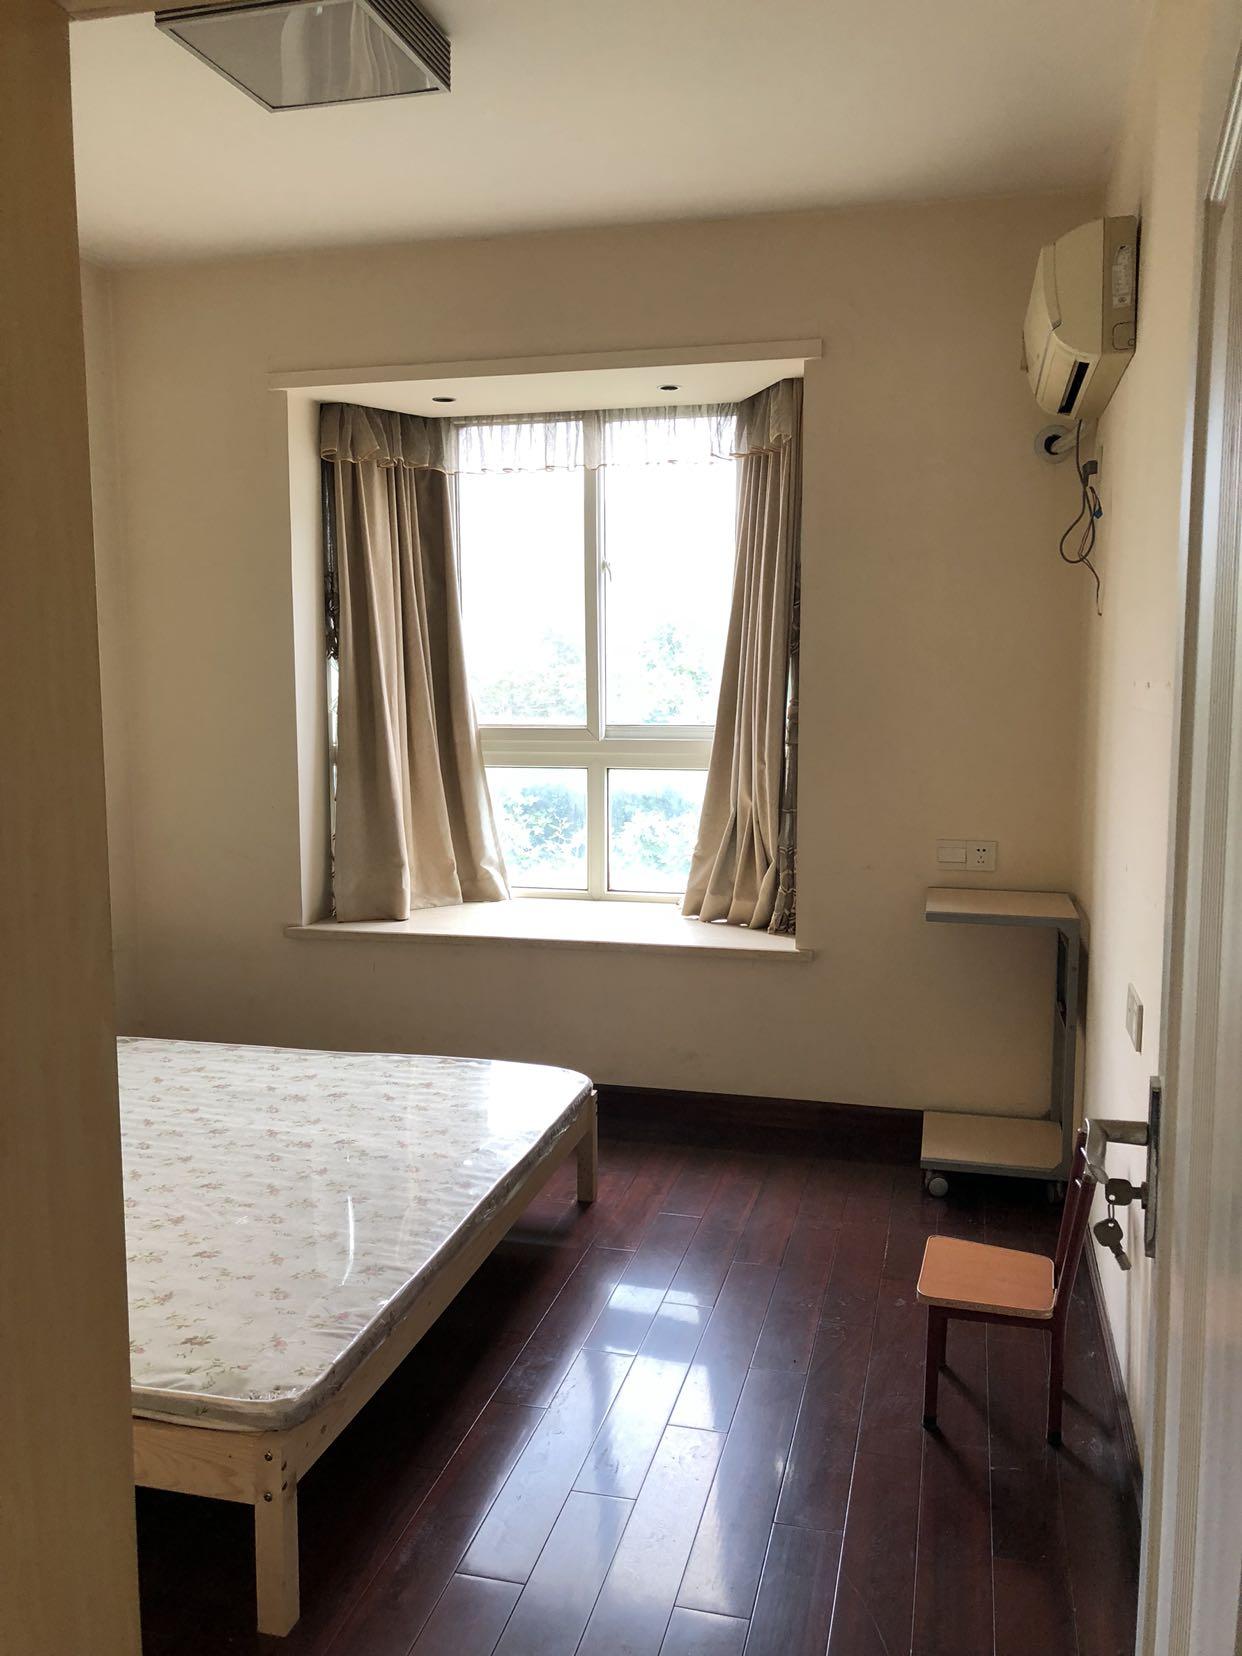 整租 紫薇花园 3室2厅2卫 120㎡